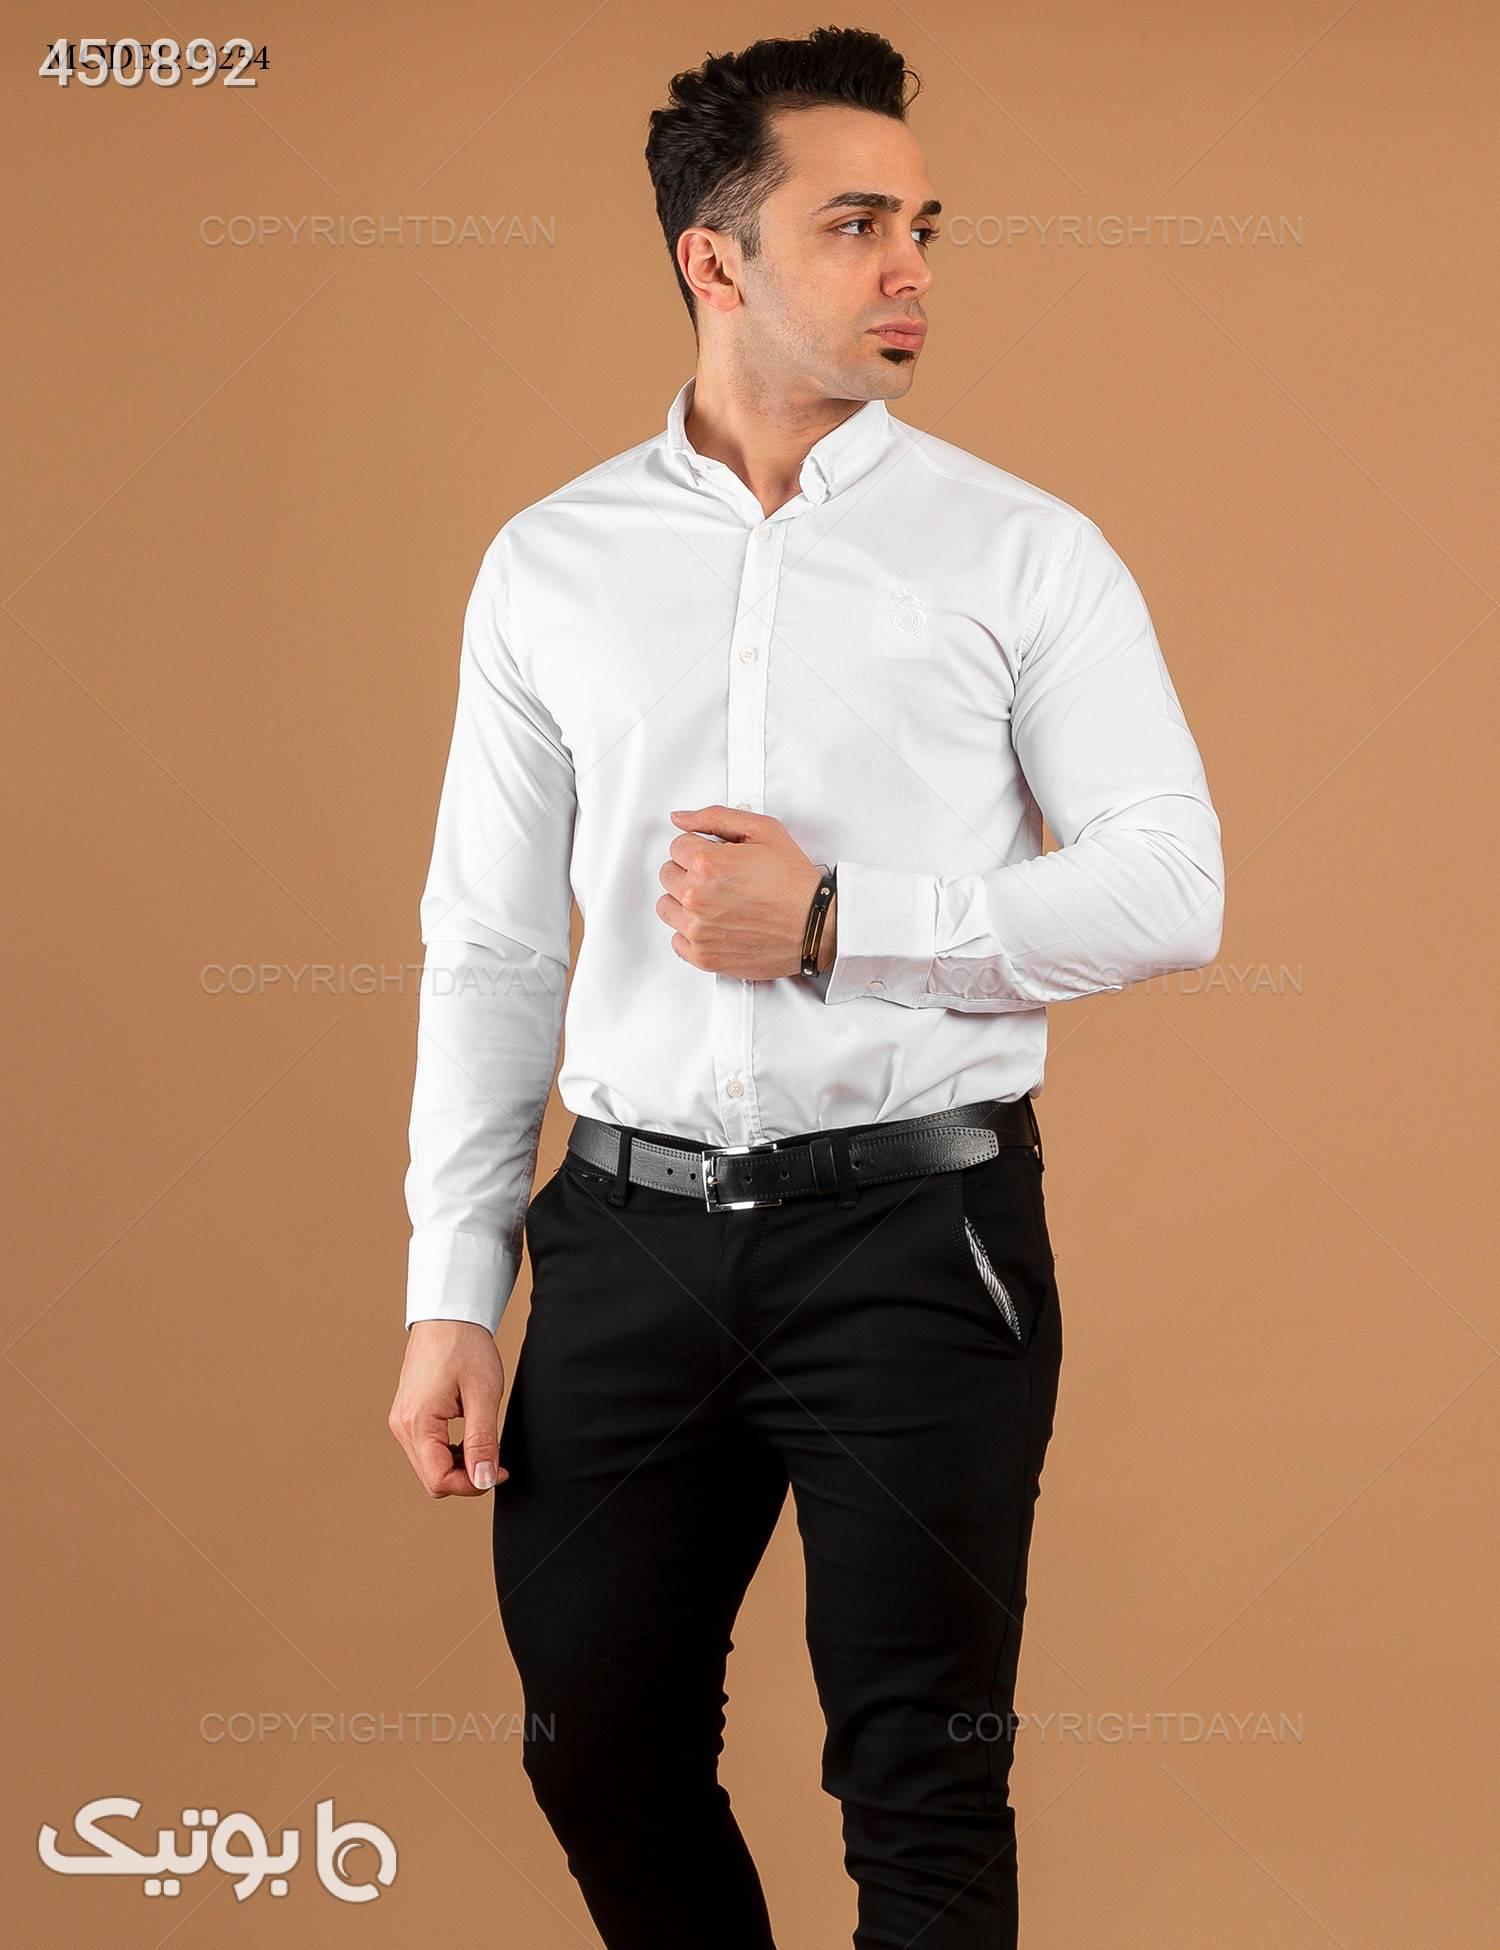 پیراهن مردانه Araz مدل 13254 سفید پيراهن مردانه